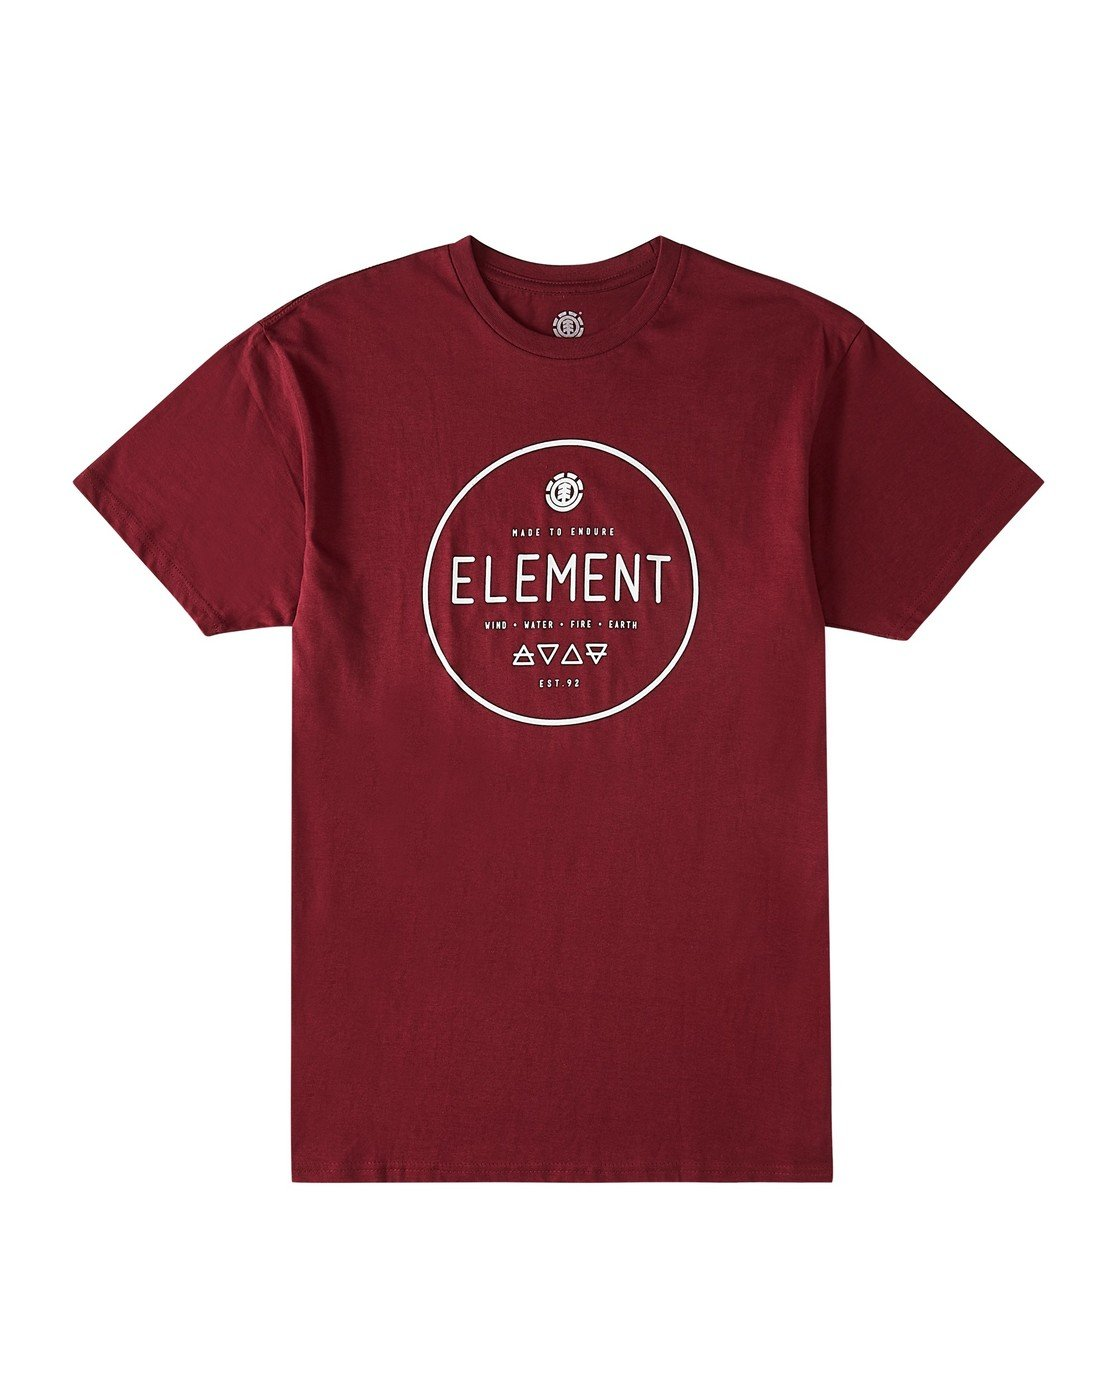 0 Alchemist T-Shirt Red M462BTAL Element